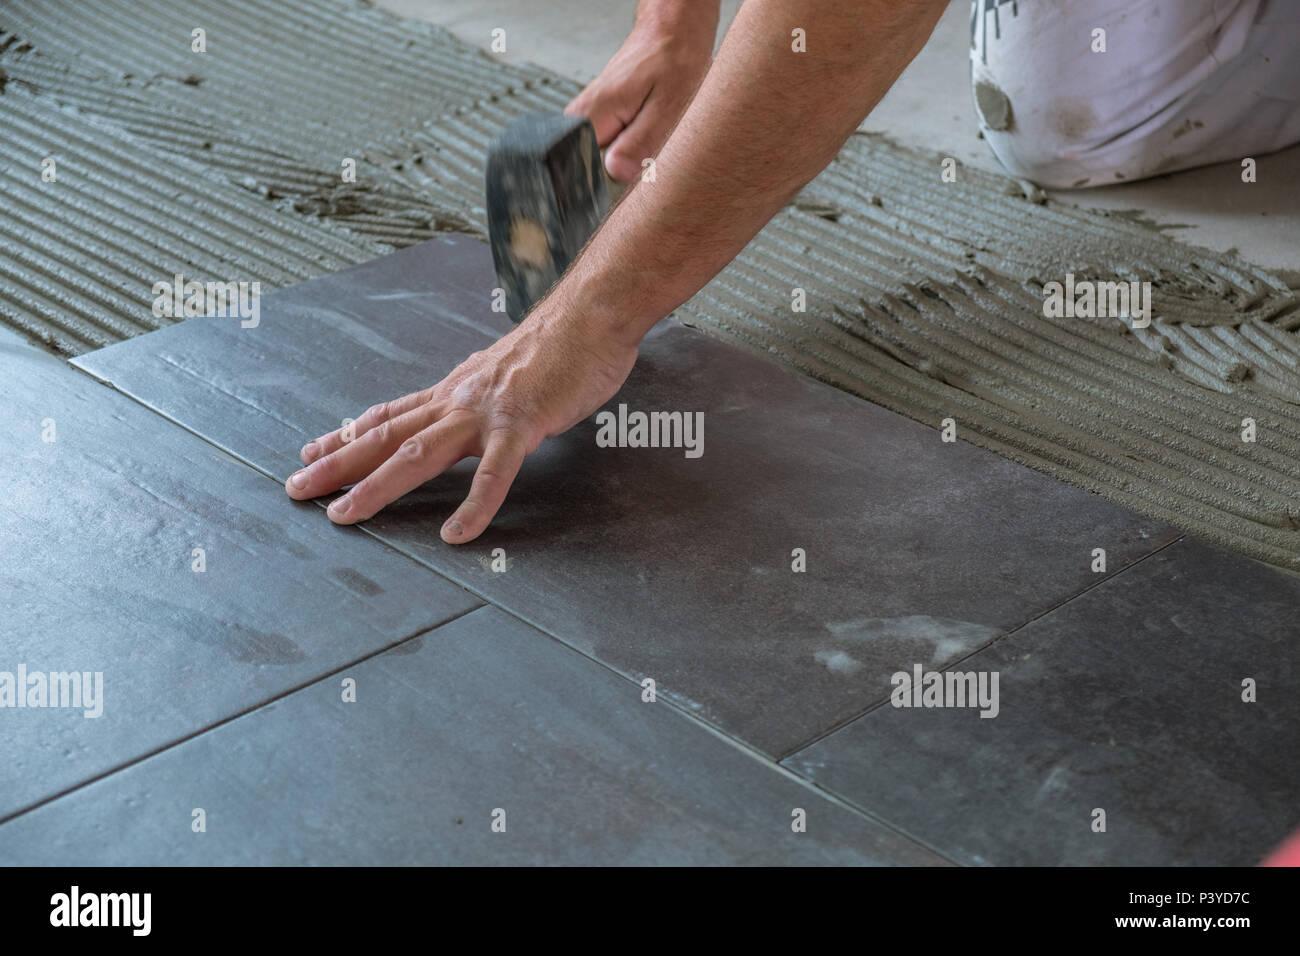 Piastrelle di gomma immagini piastrelle di gomma fotos stock alamy